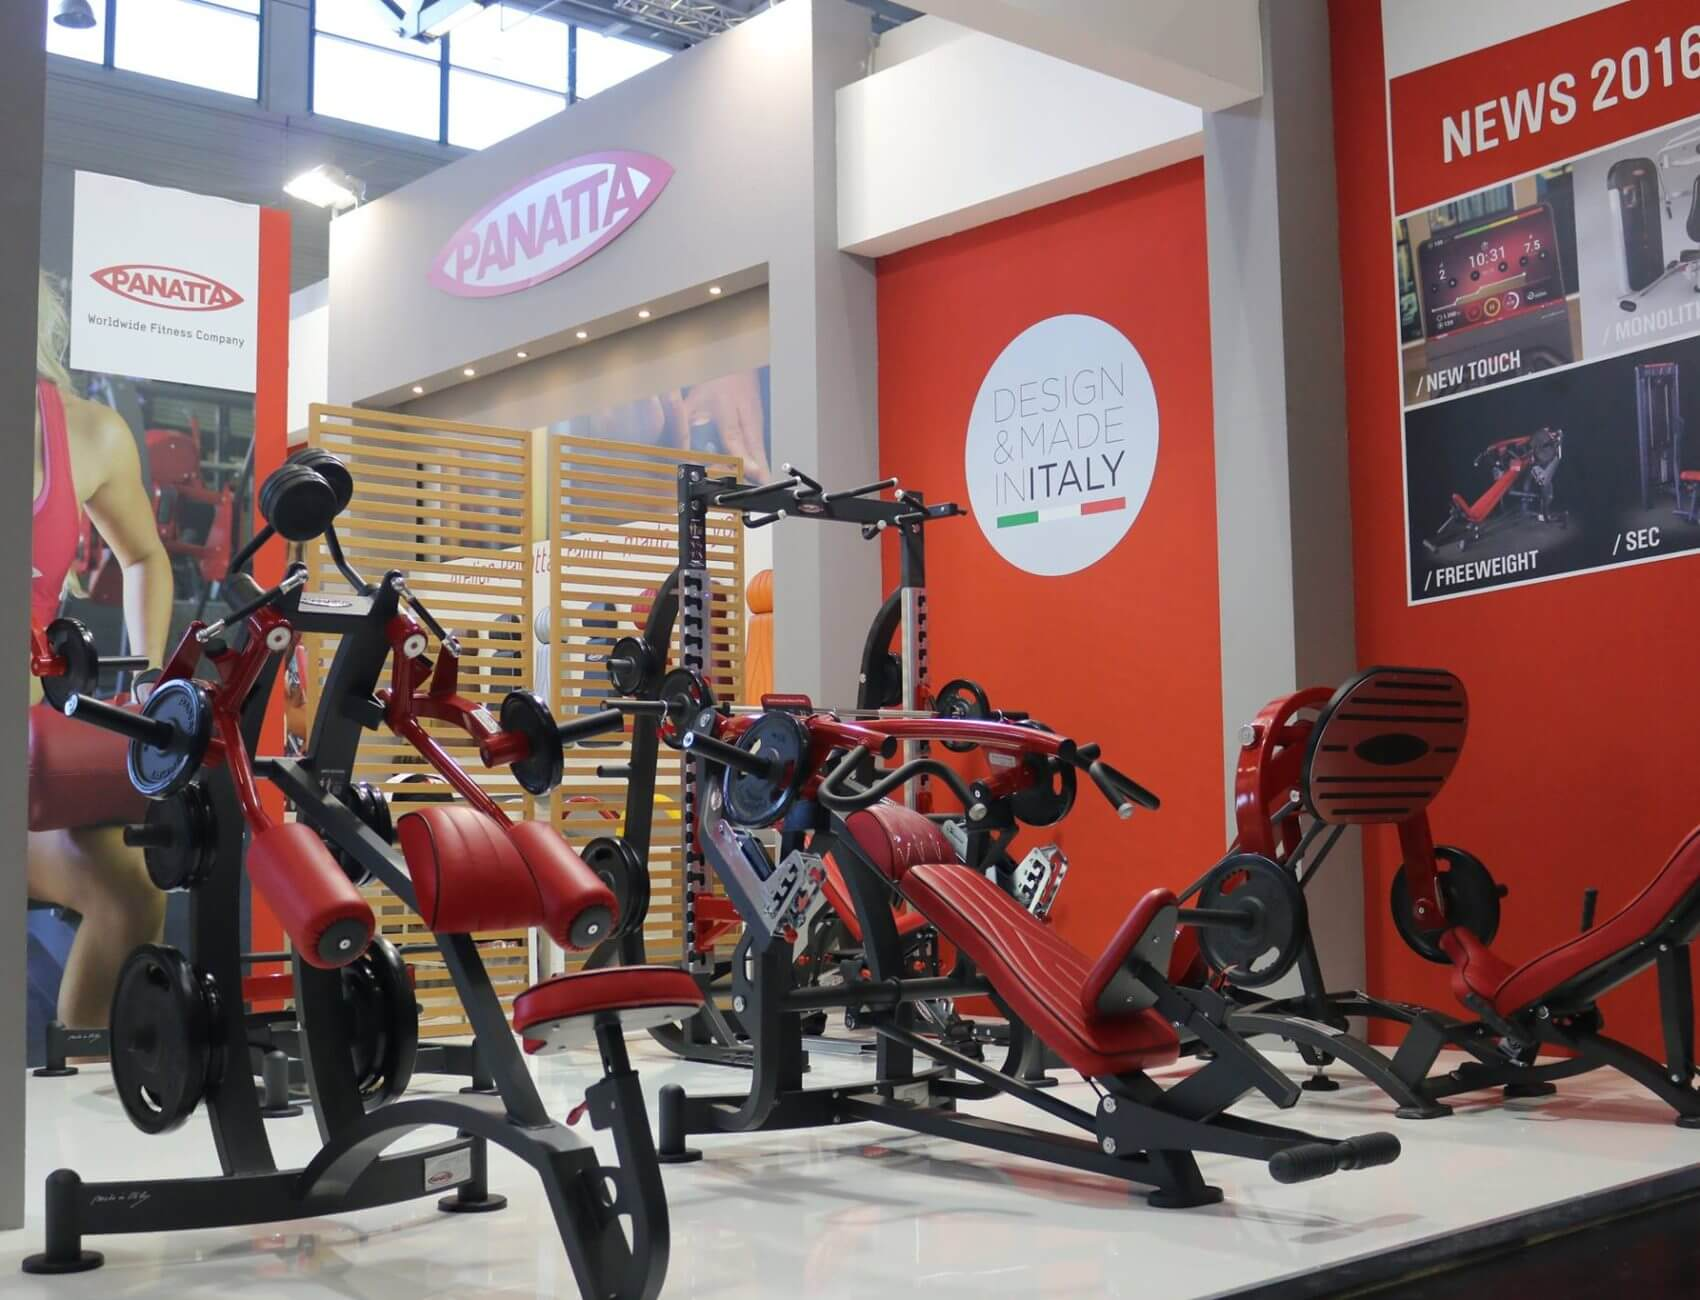 Galerie echipamente fitness 2013 - 1